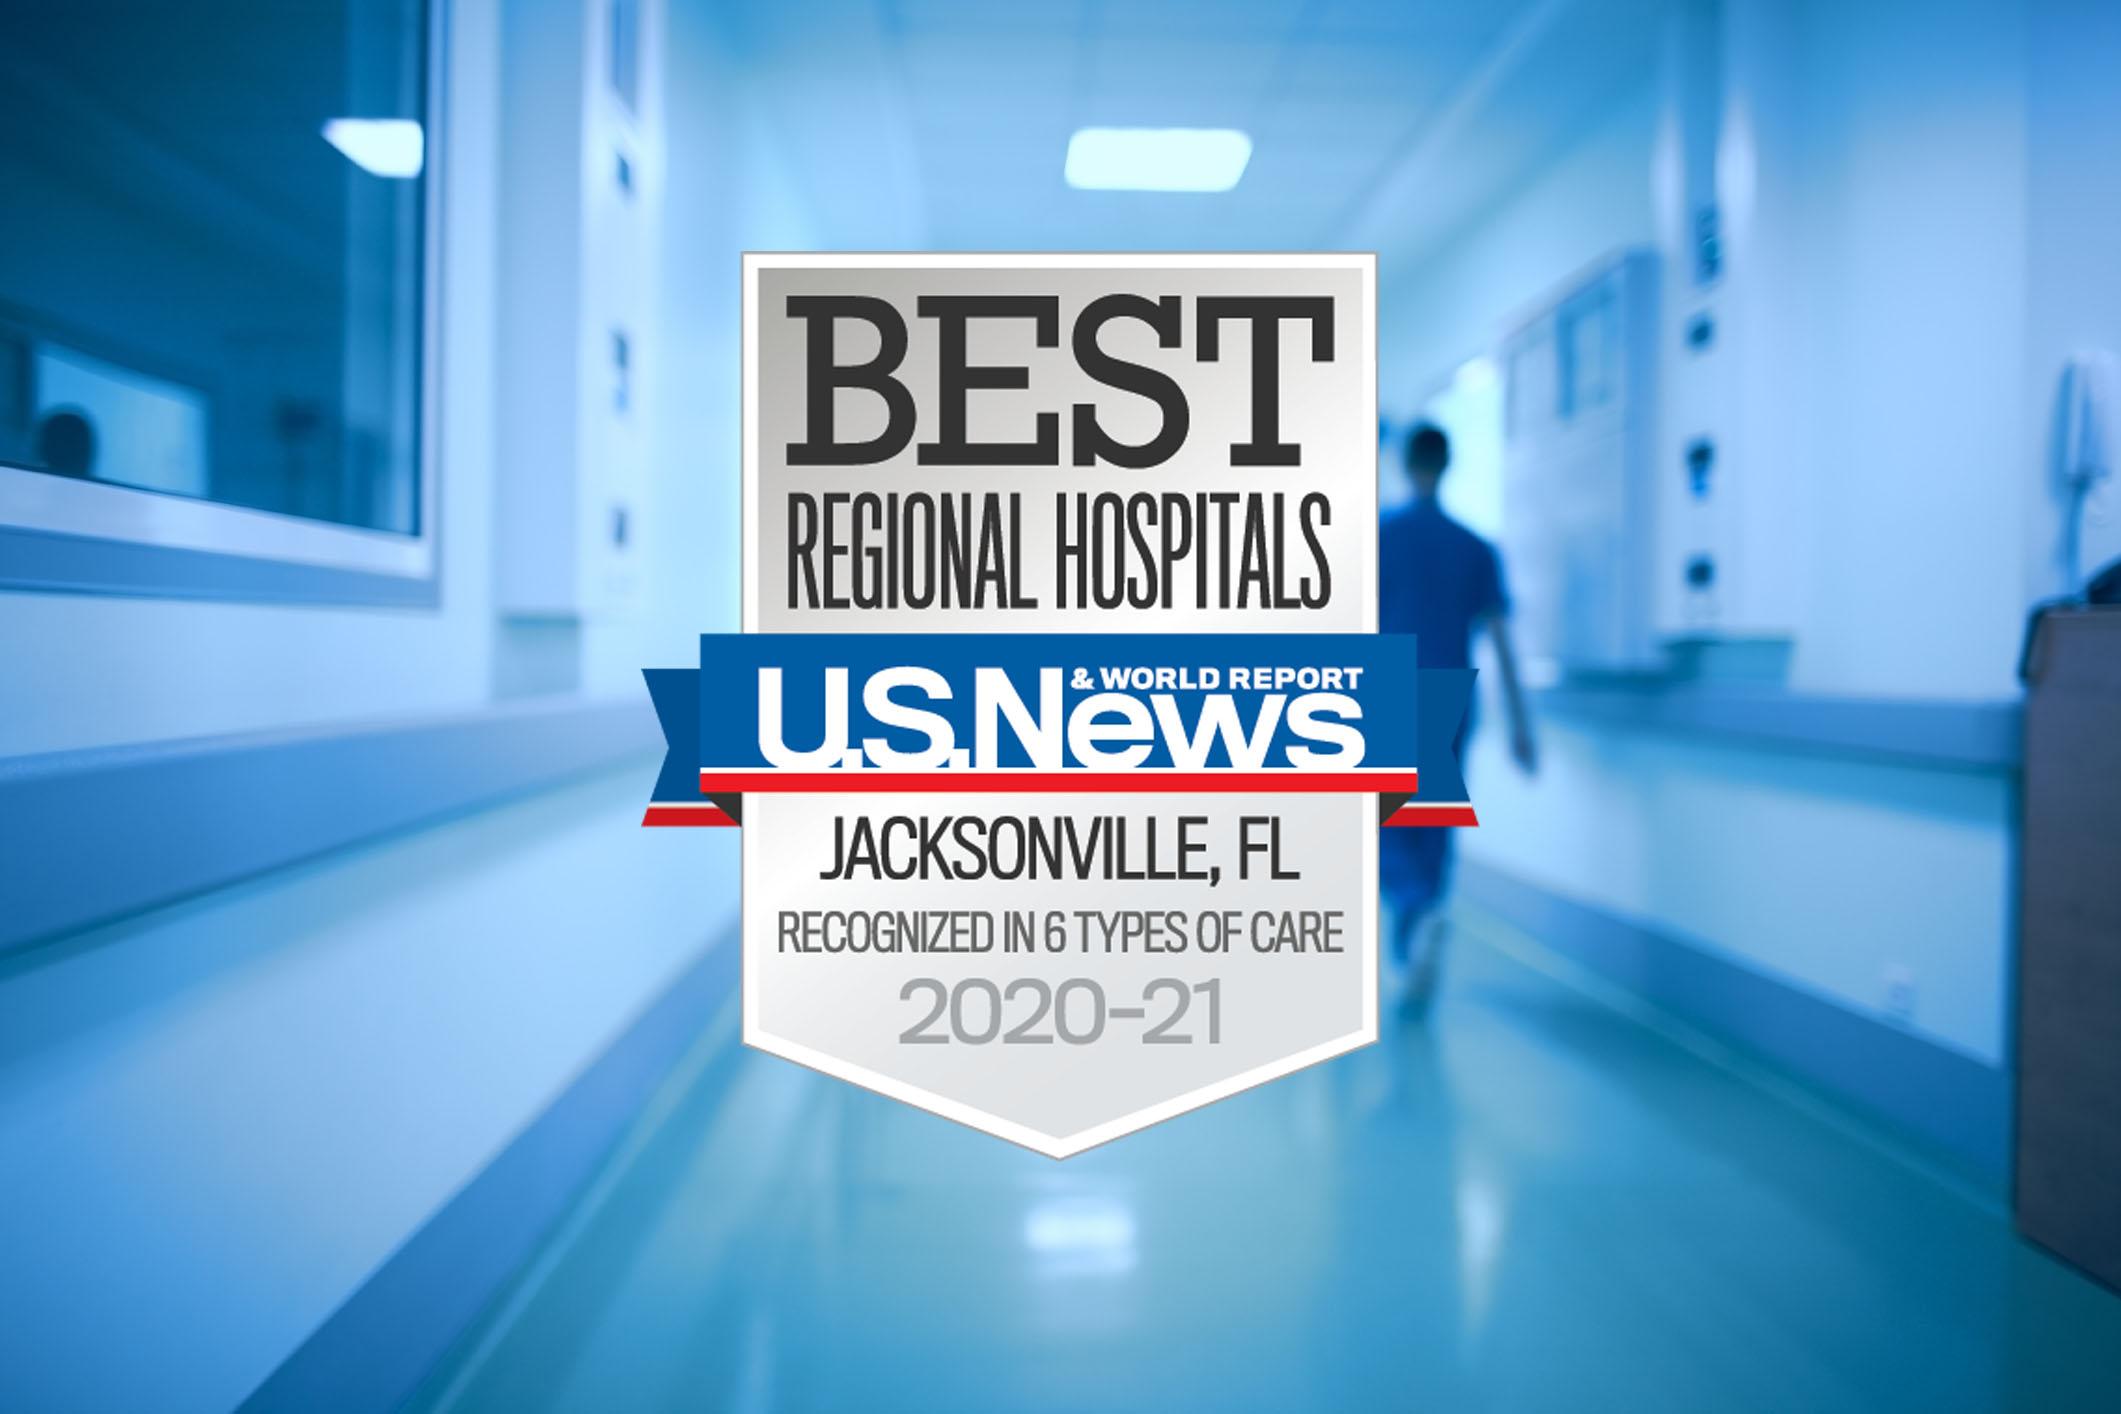 US News Regional Hospital Award badge on blurry image of hospital hallway